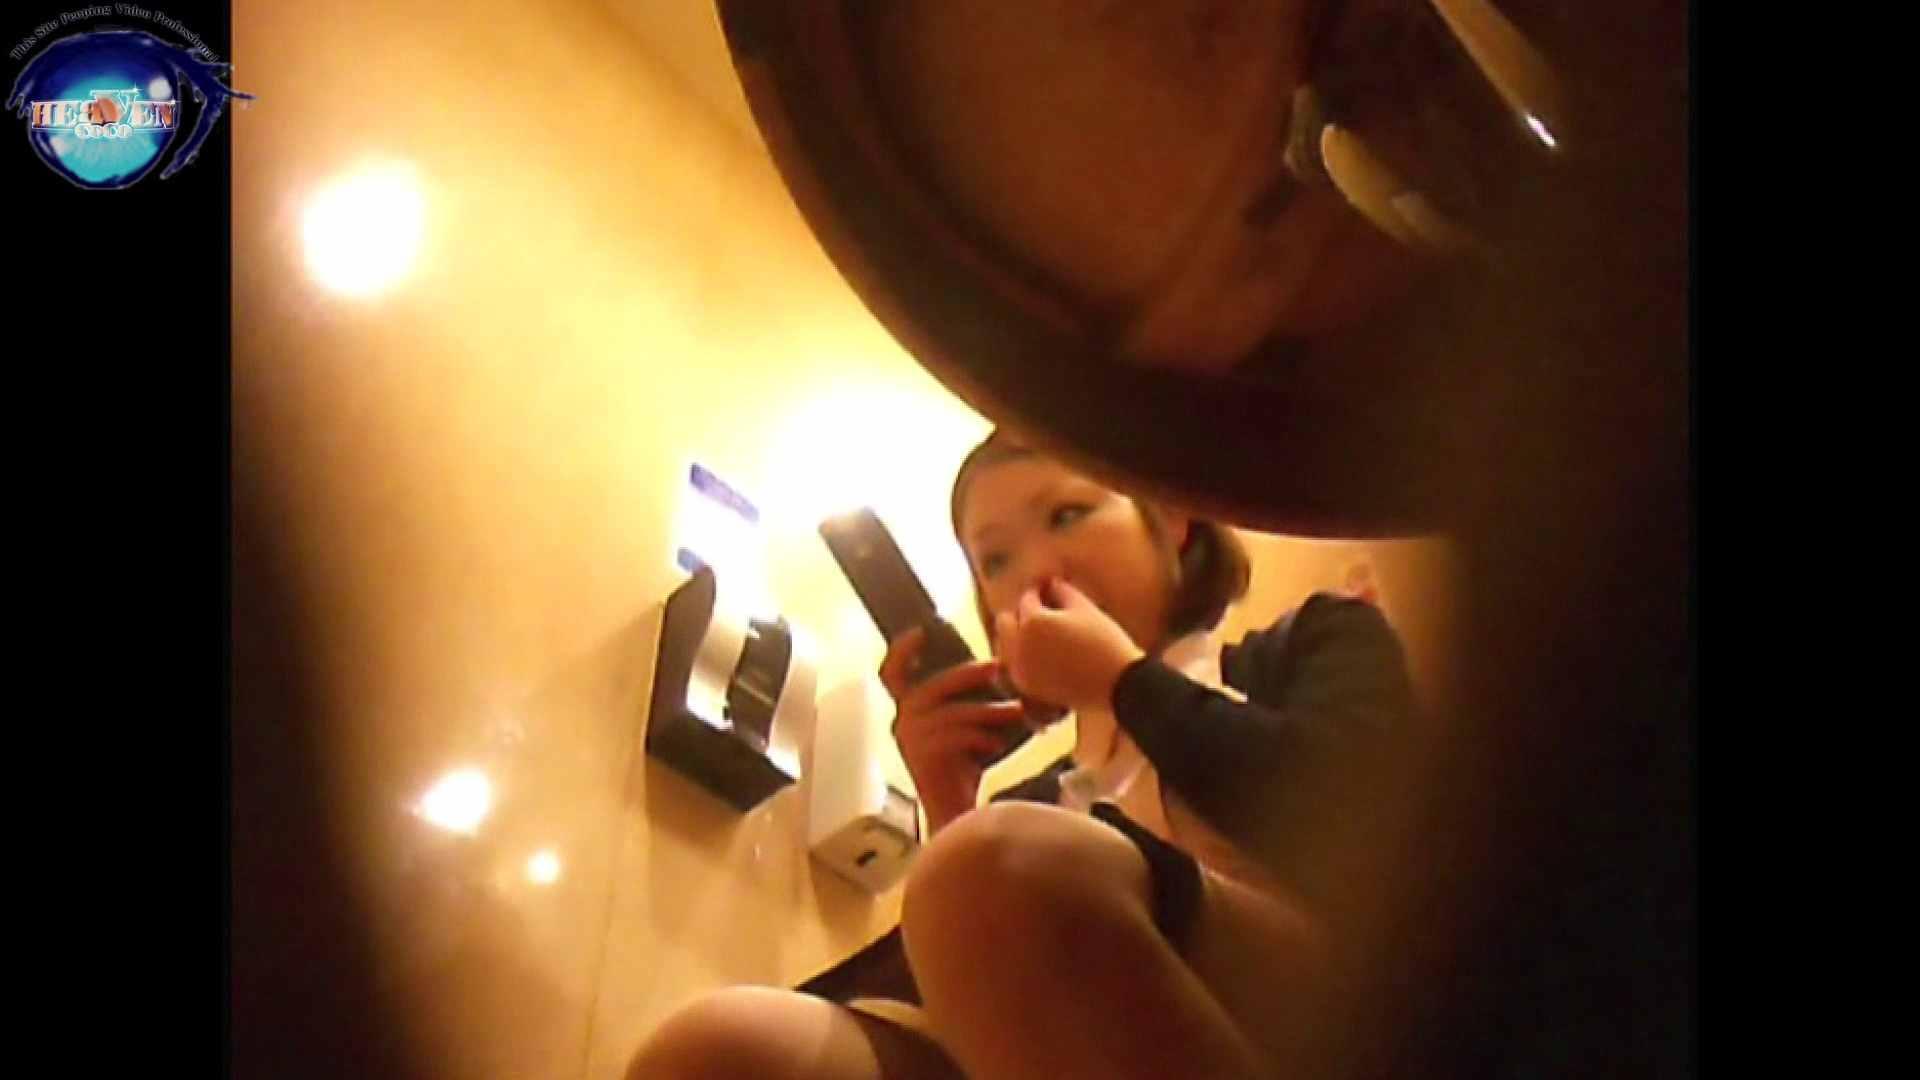 突撃!女子化粧室の真実vol.21 お姉さんのエロ動画 オマンコ動画キャプチャ 98PIX 2